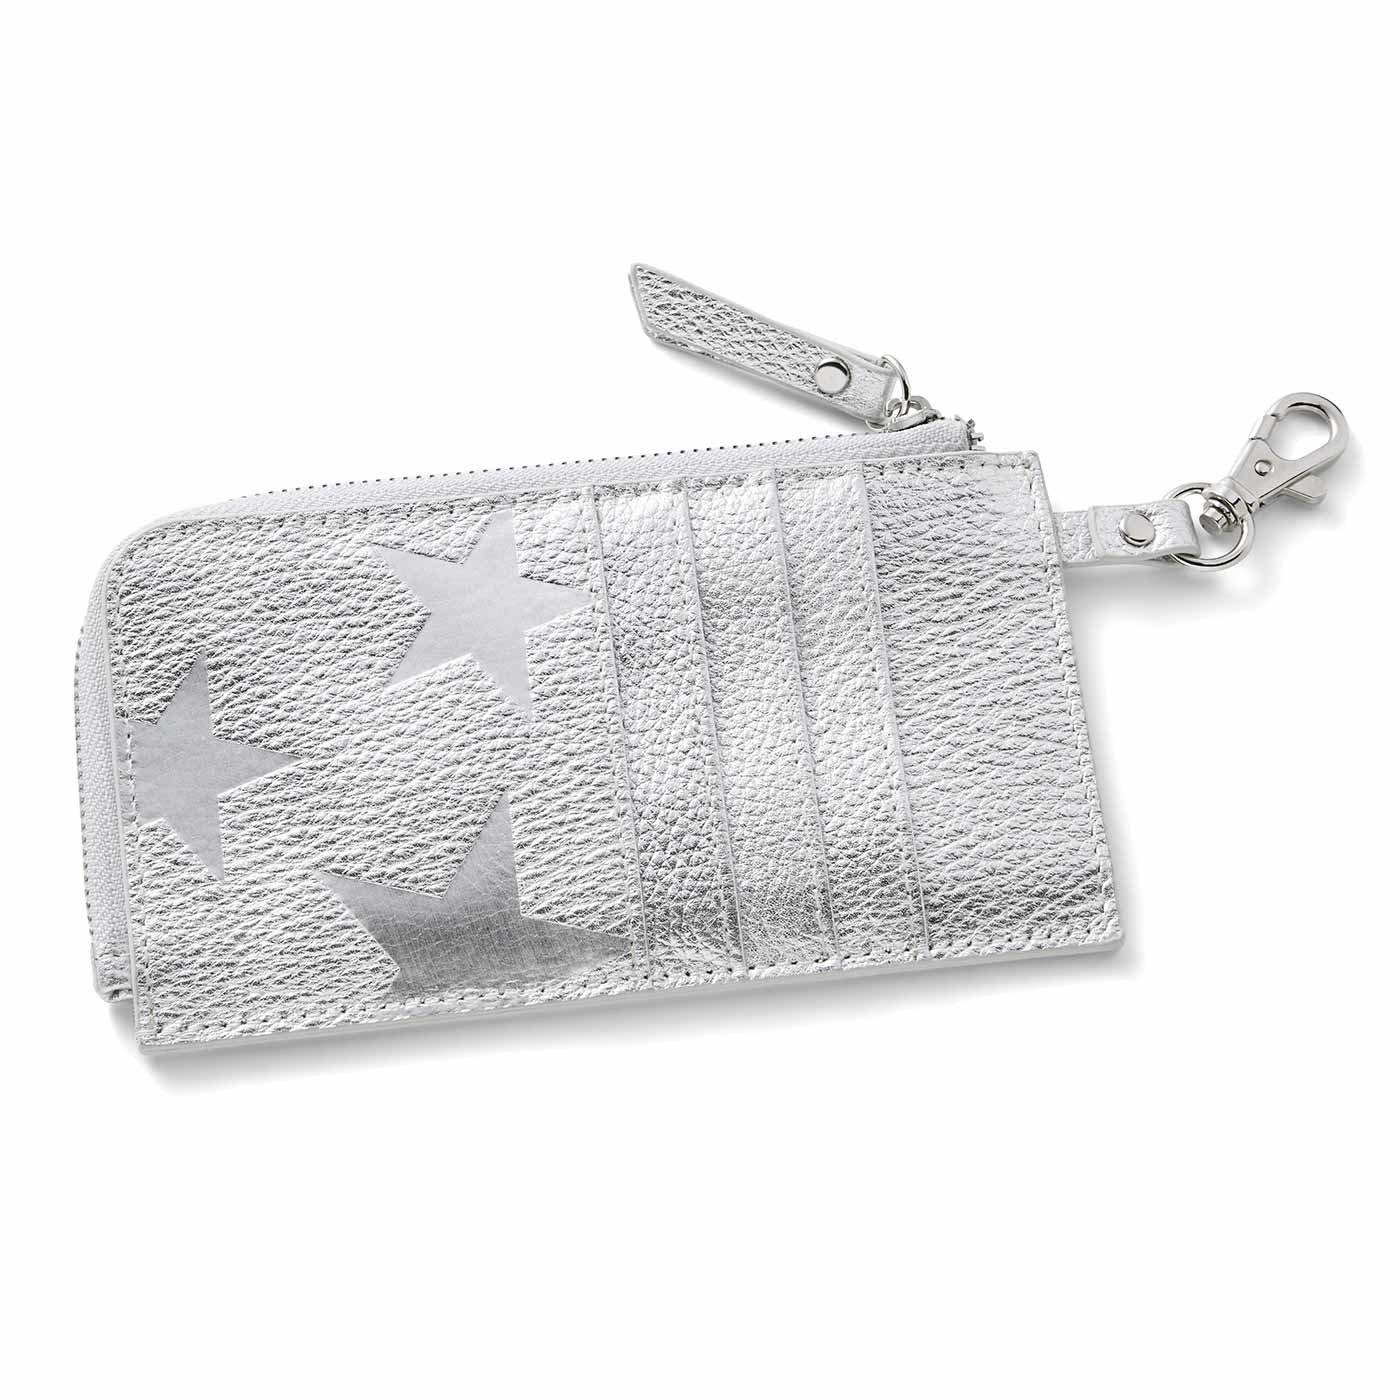 IEDIT[イディット] 本革が大人にうれしい スターエンボス加工のスリムミニ財布〈シルバー〉